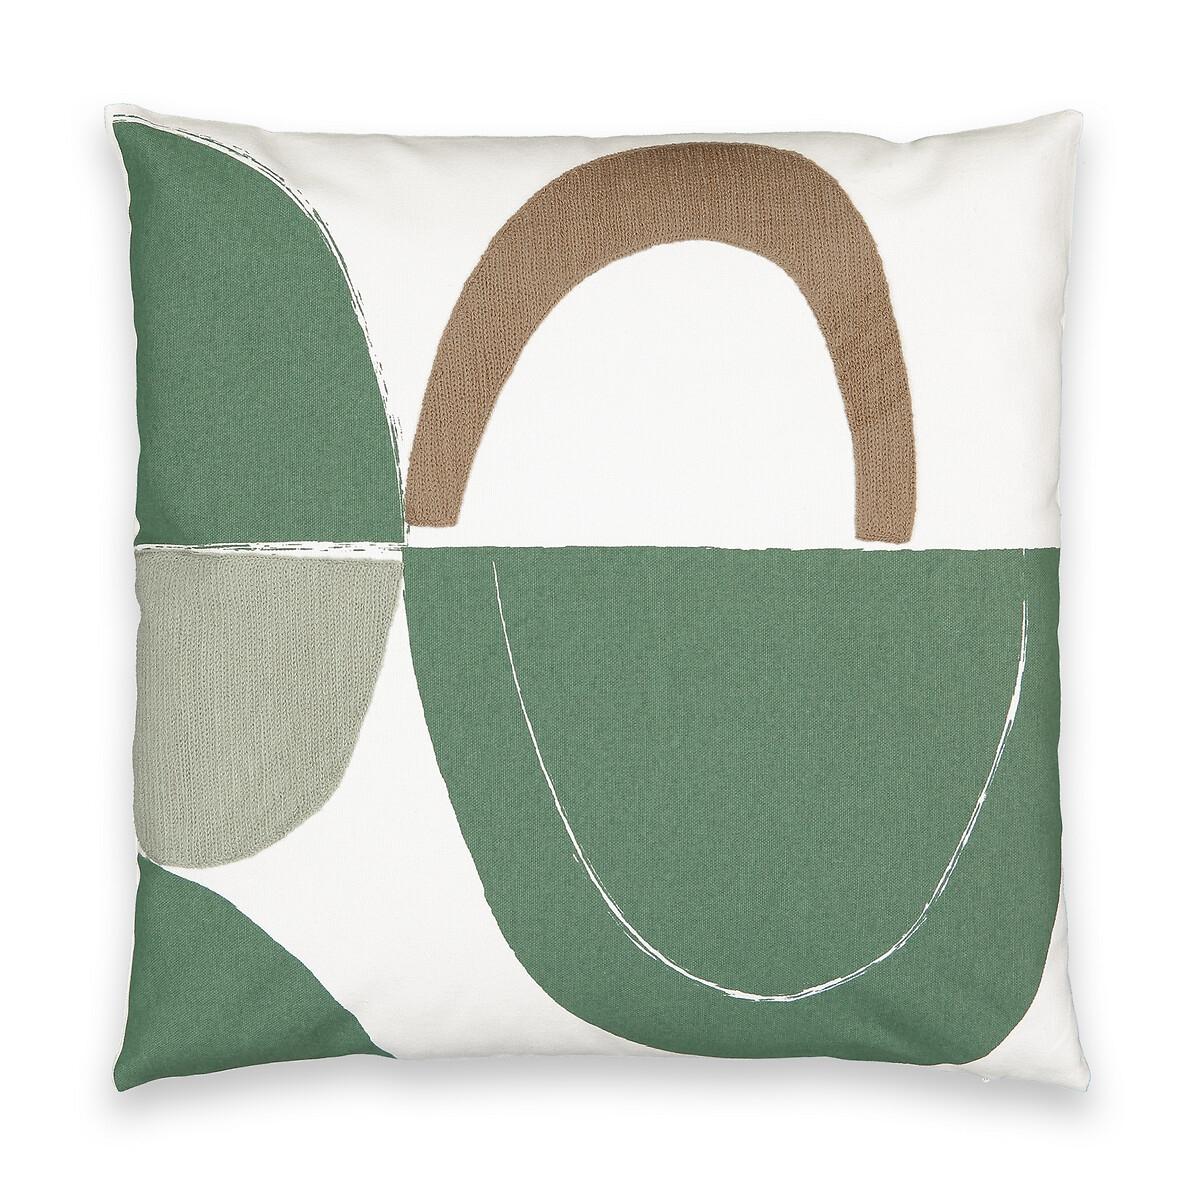 Чехол LaRedoute Для подушки Comoe 50 x 50 см зеленый